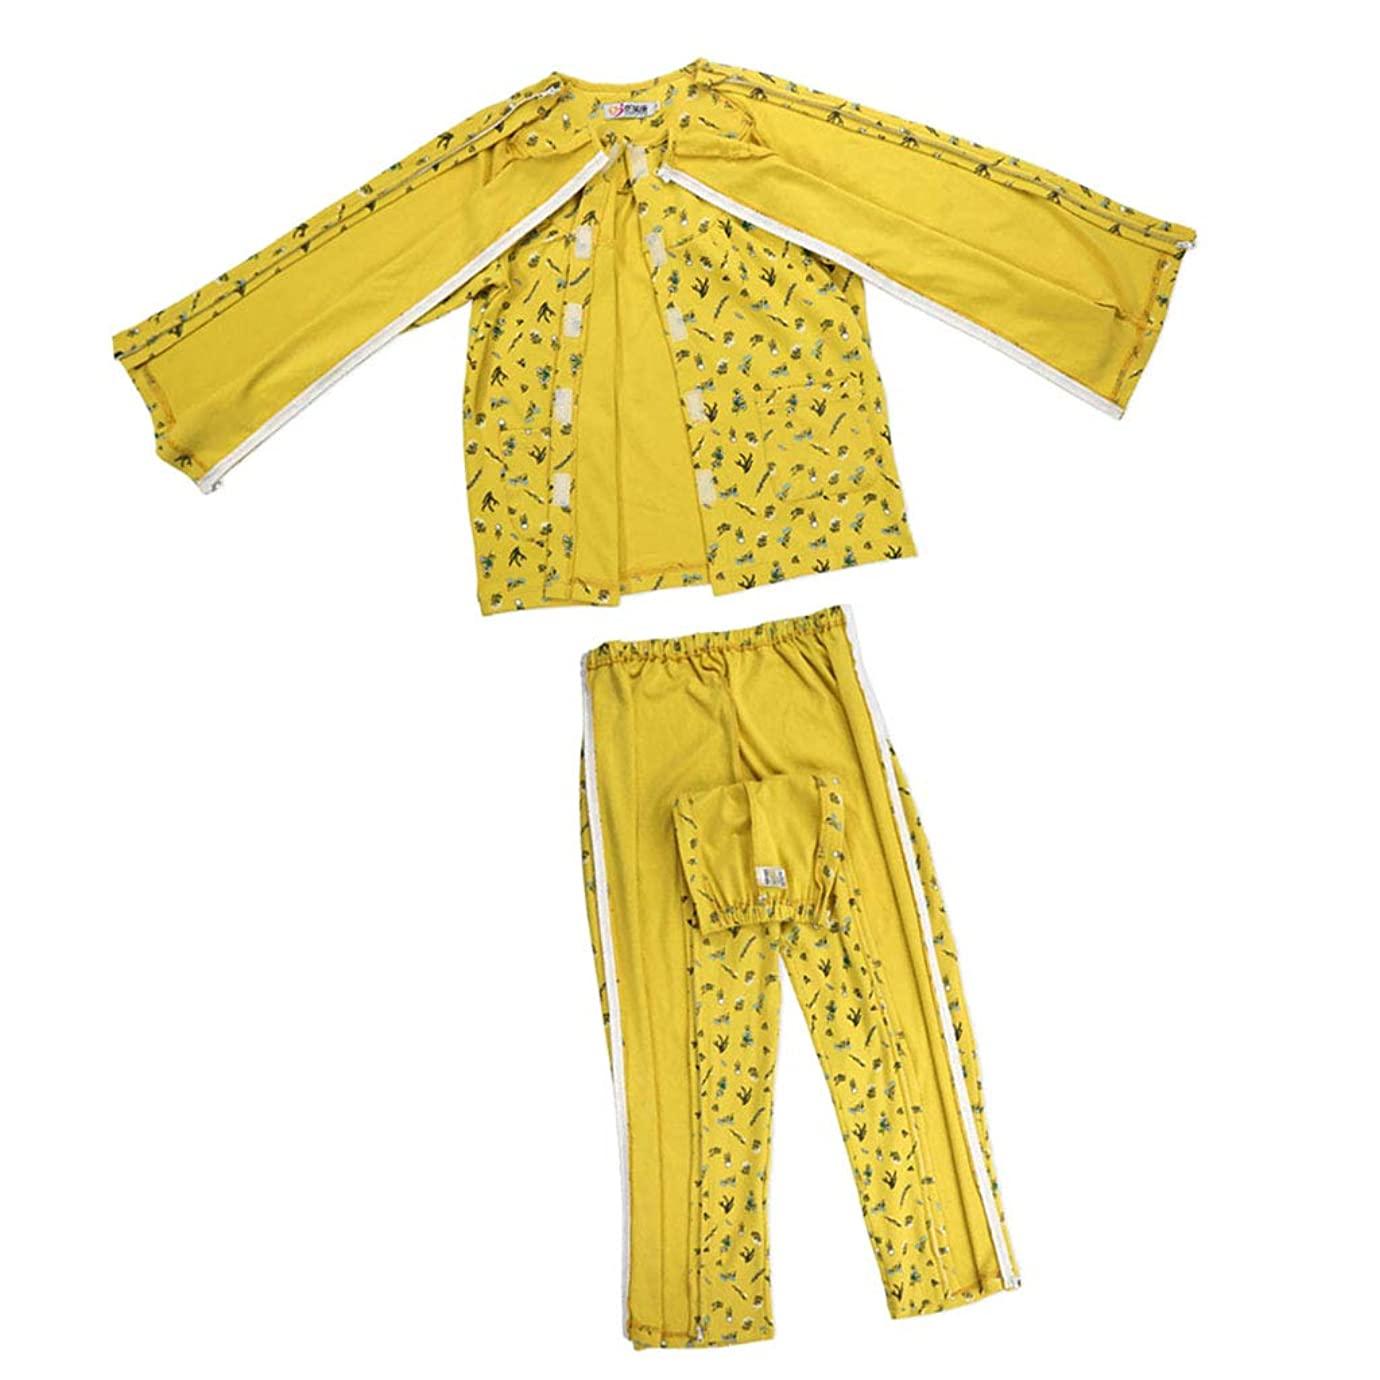 スペイン語称賛がっかりするBaoblaze 上下セット 患者服 検診衣 患者衣 ズボン+上衣 パジャマ 綿製 開け設計 通気性 手入れ簡単